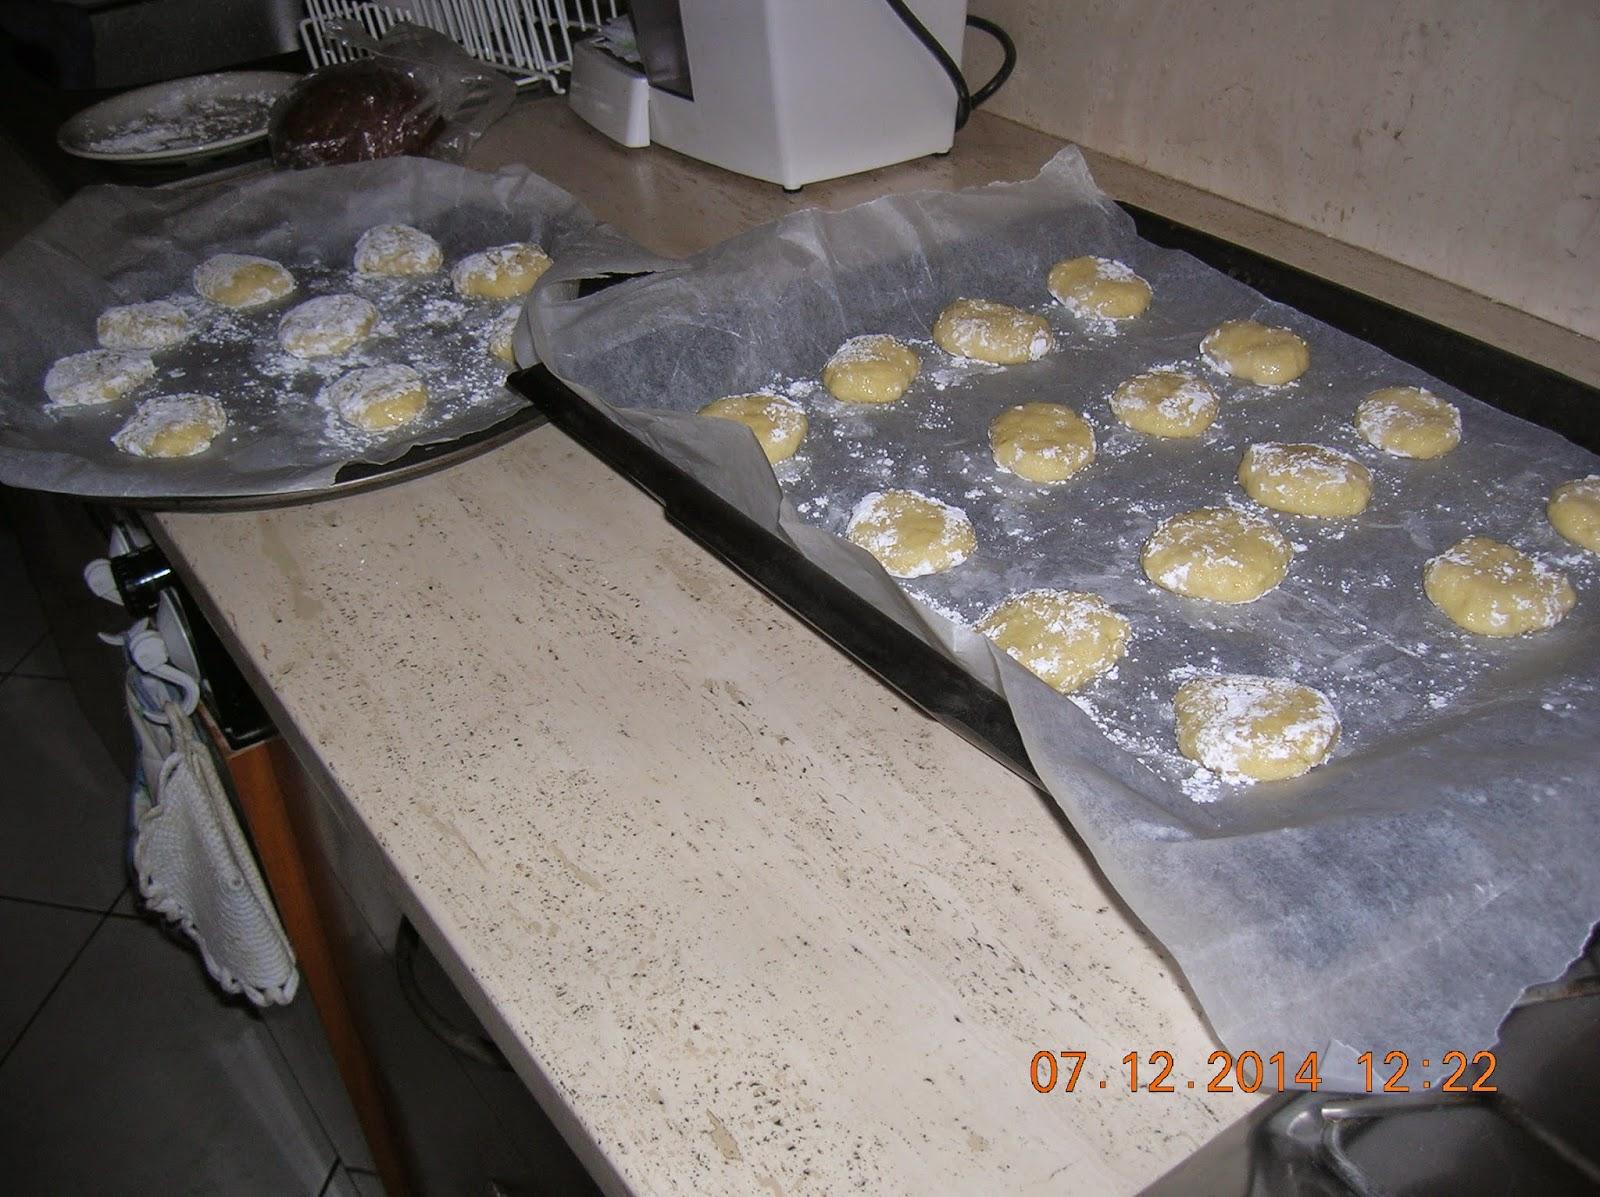 biscotti  al  limone - biscotti per colazione senza  uova e burro.. grisbi  farciti con nutella